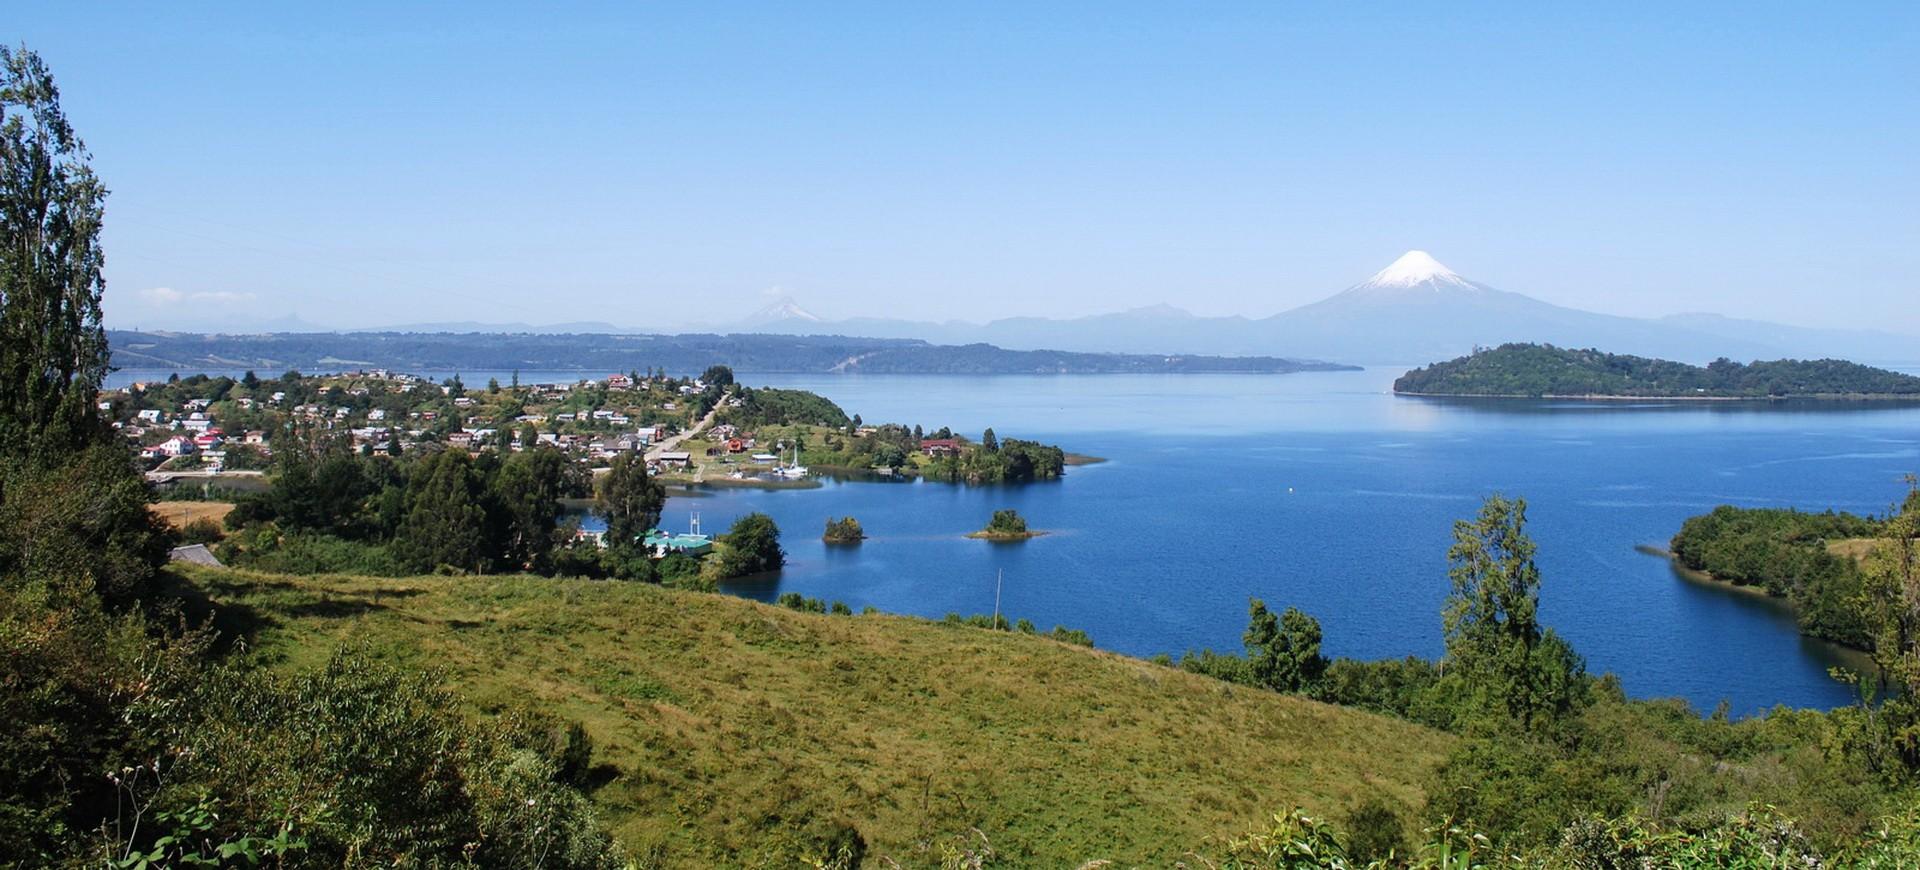 Chili Région des Lacs